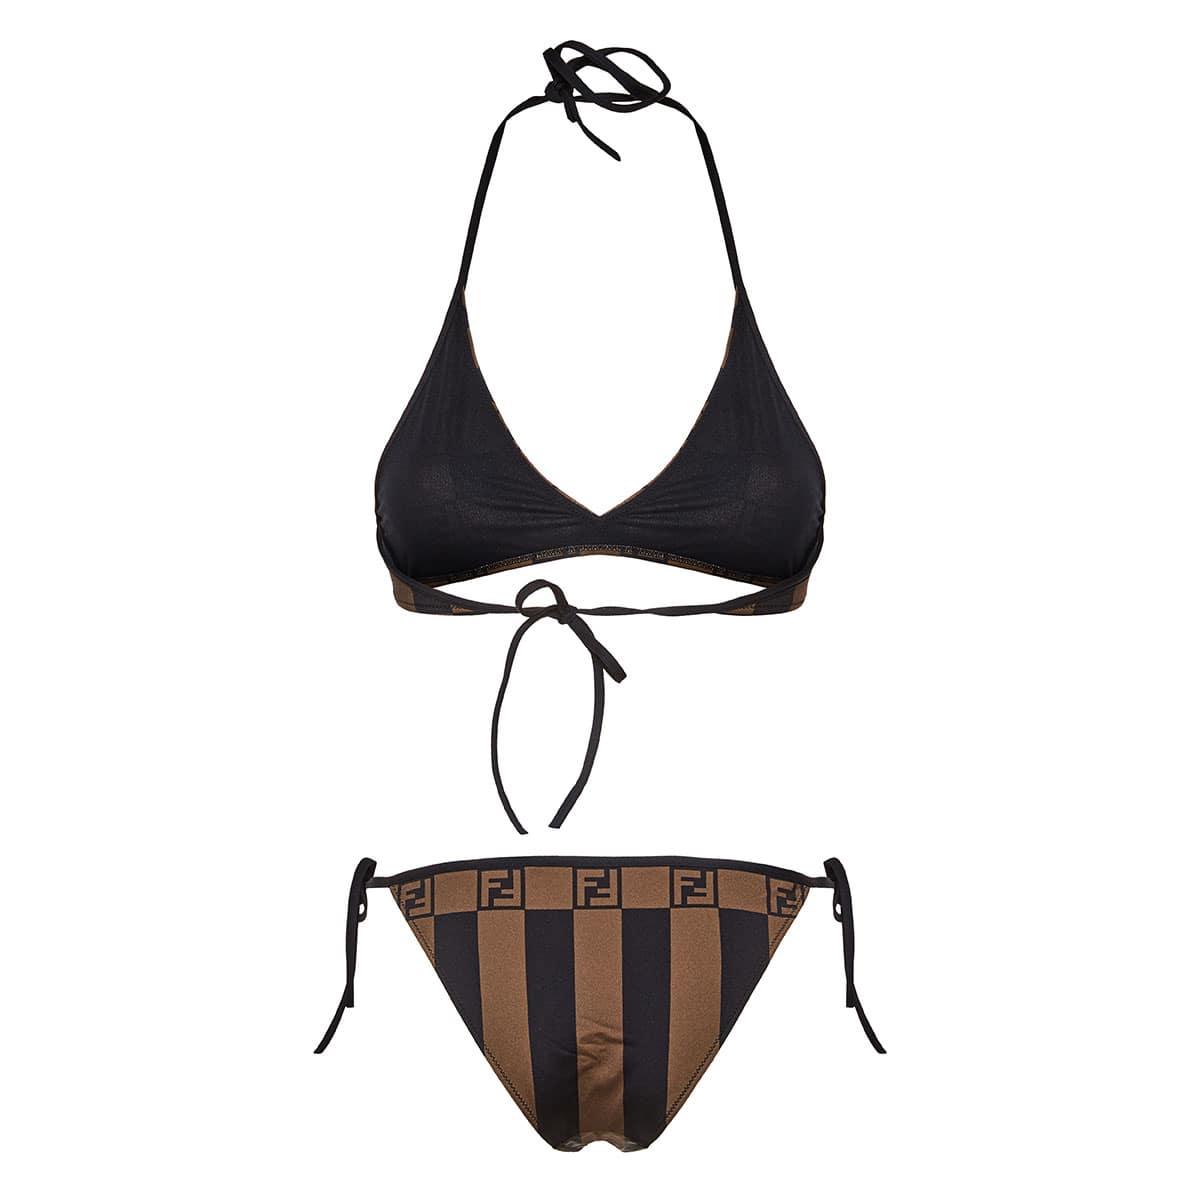 FF printed triangle bikini